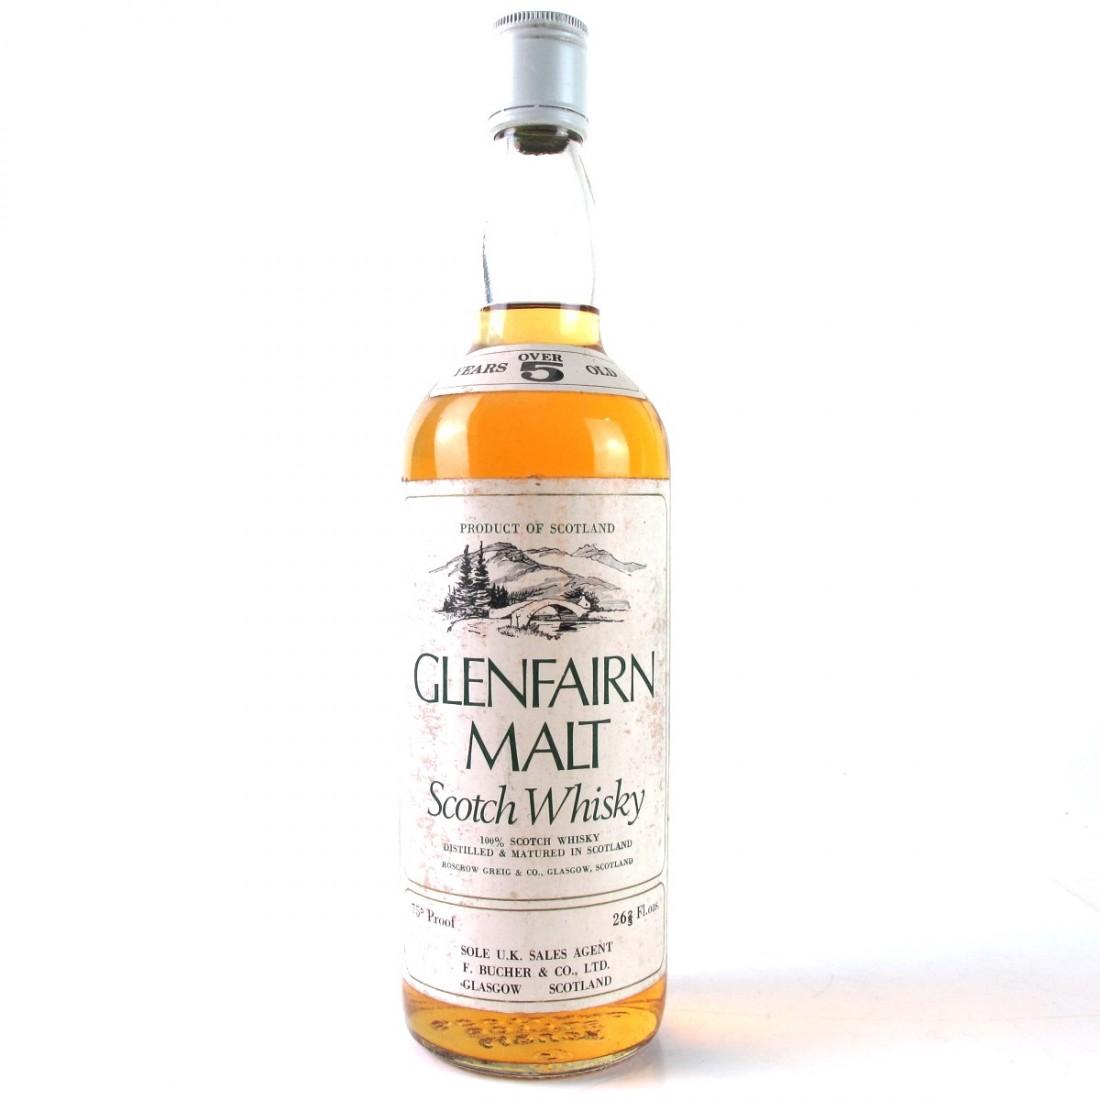 Glenfairn 5 Year Old Pure Malt Scotch Whisky